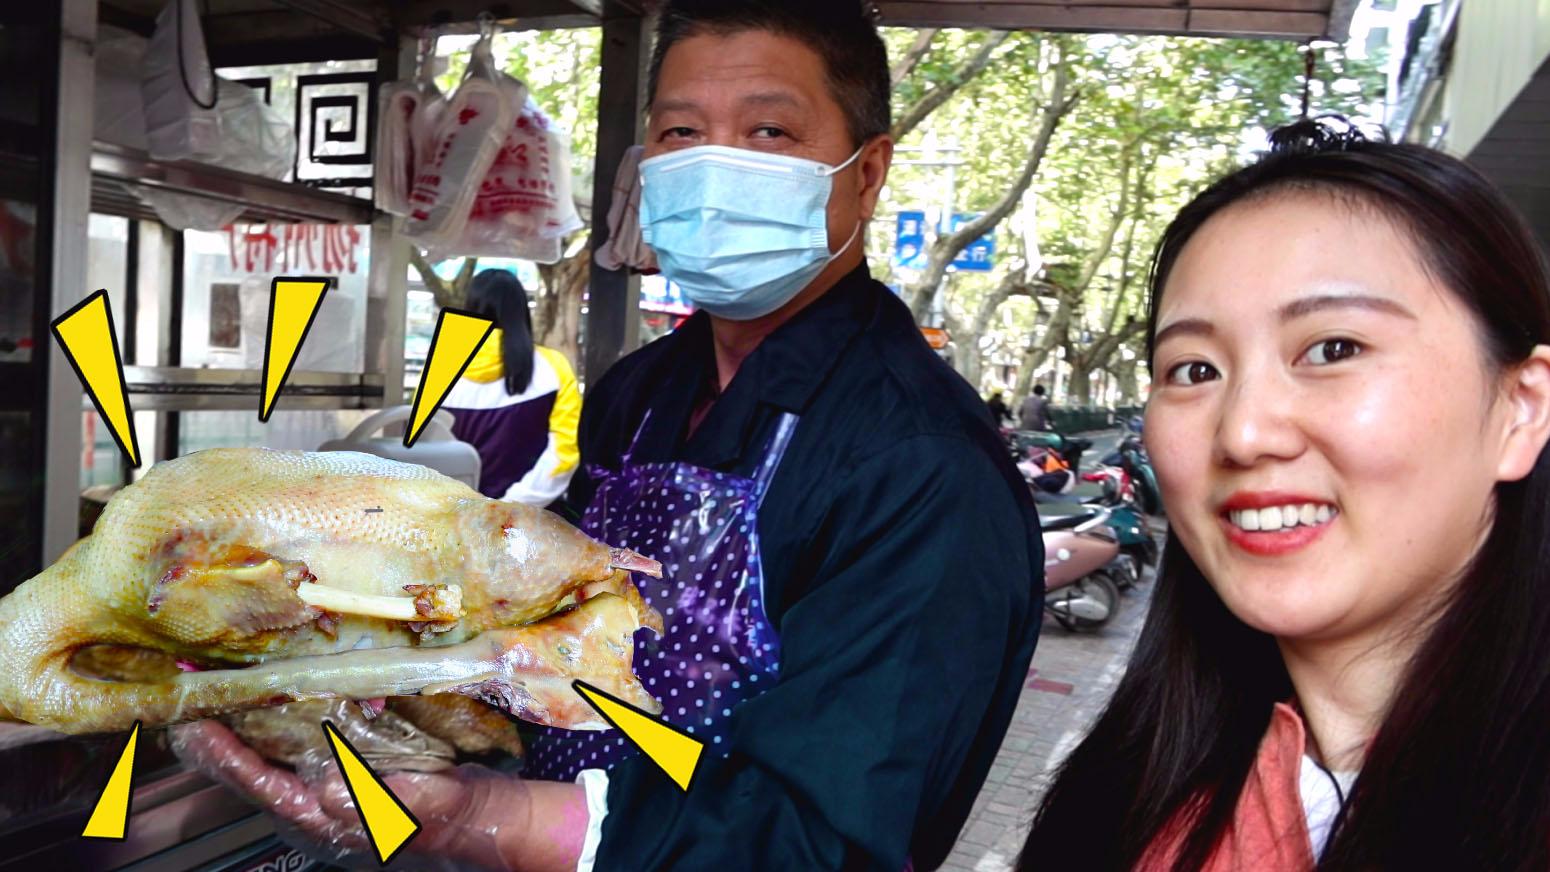 扬州路边摊盐水鹅,48元一斤,是上酒席的大菜,饭店不如摊上正宗